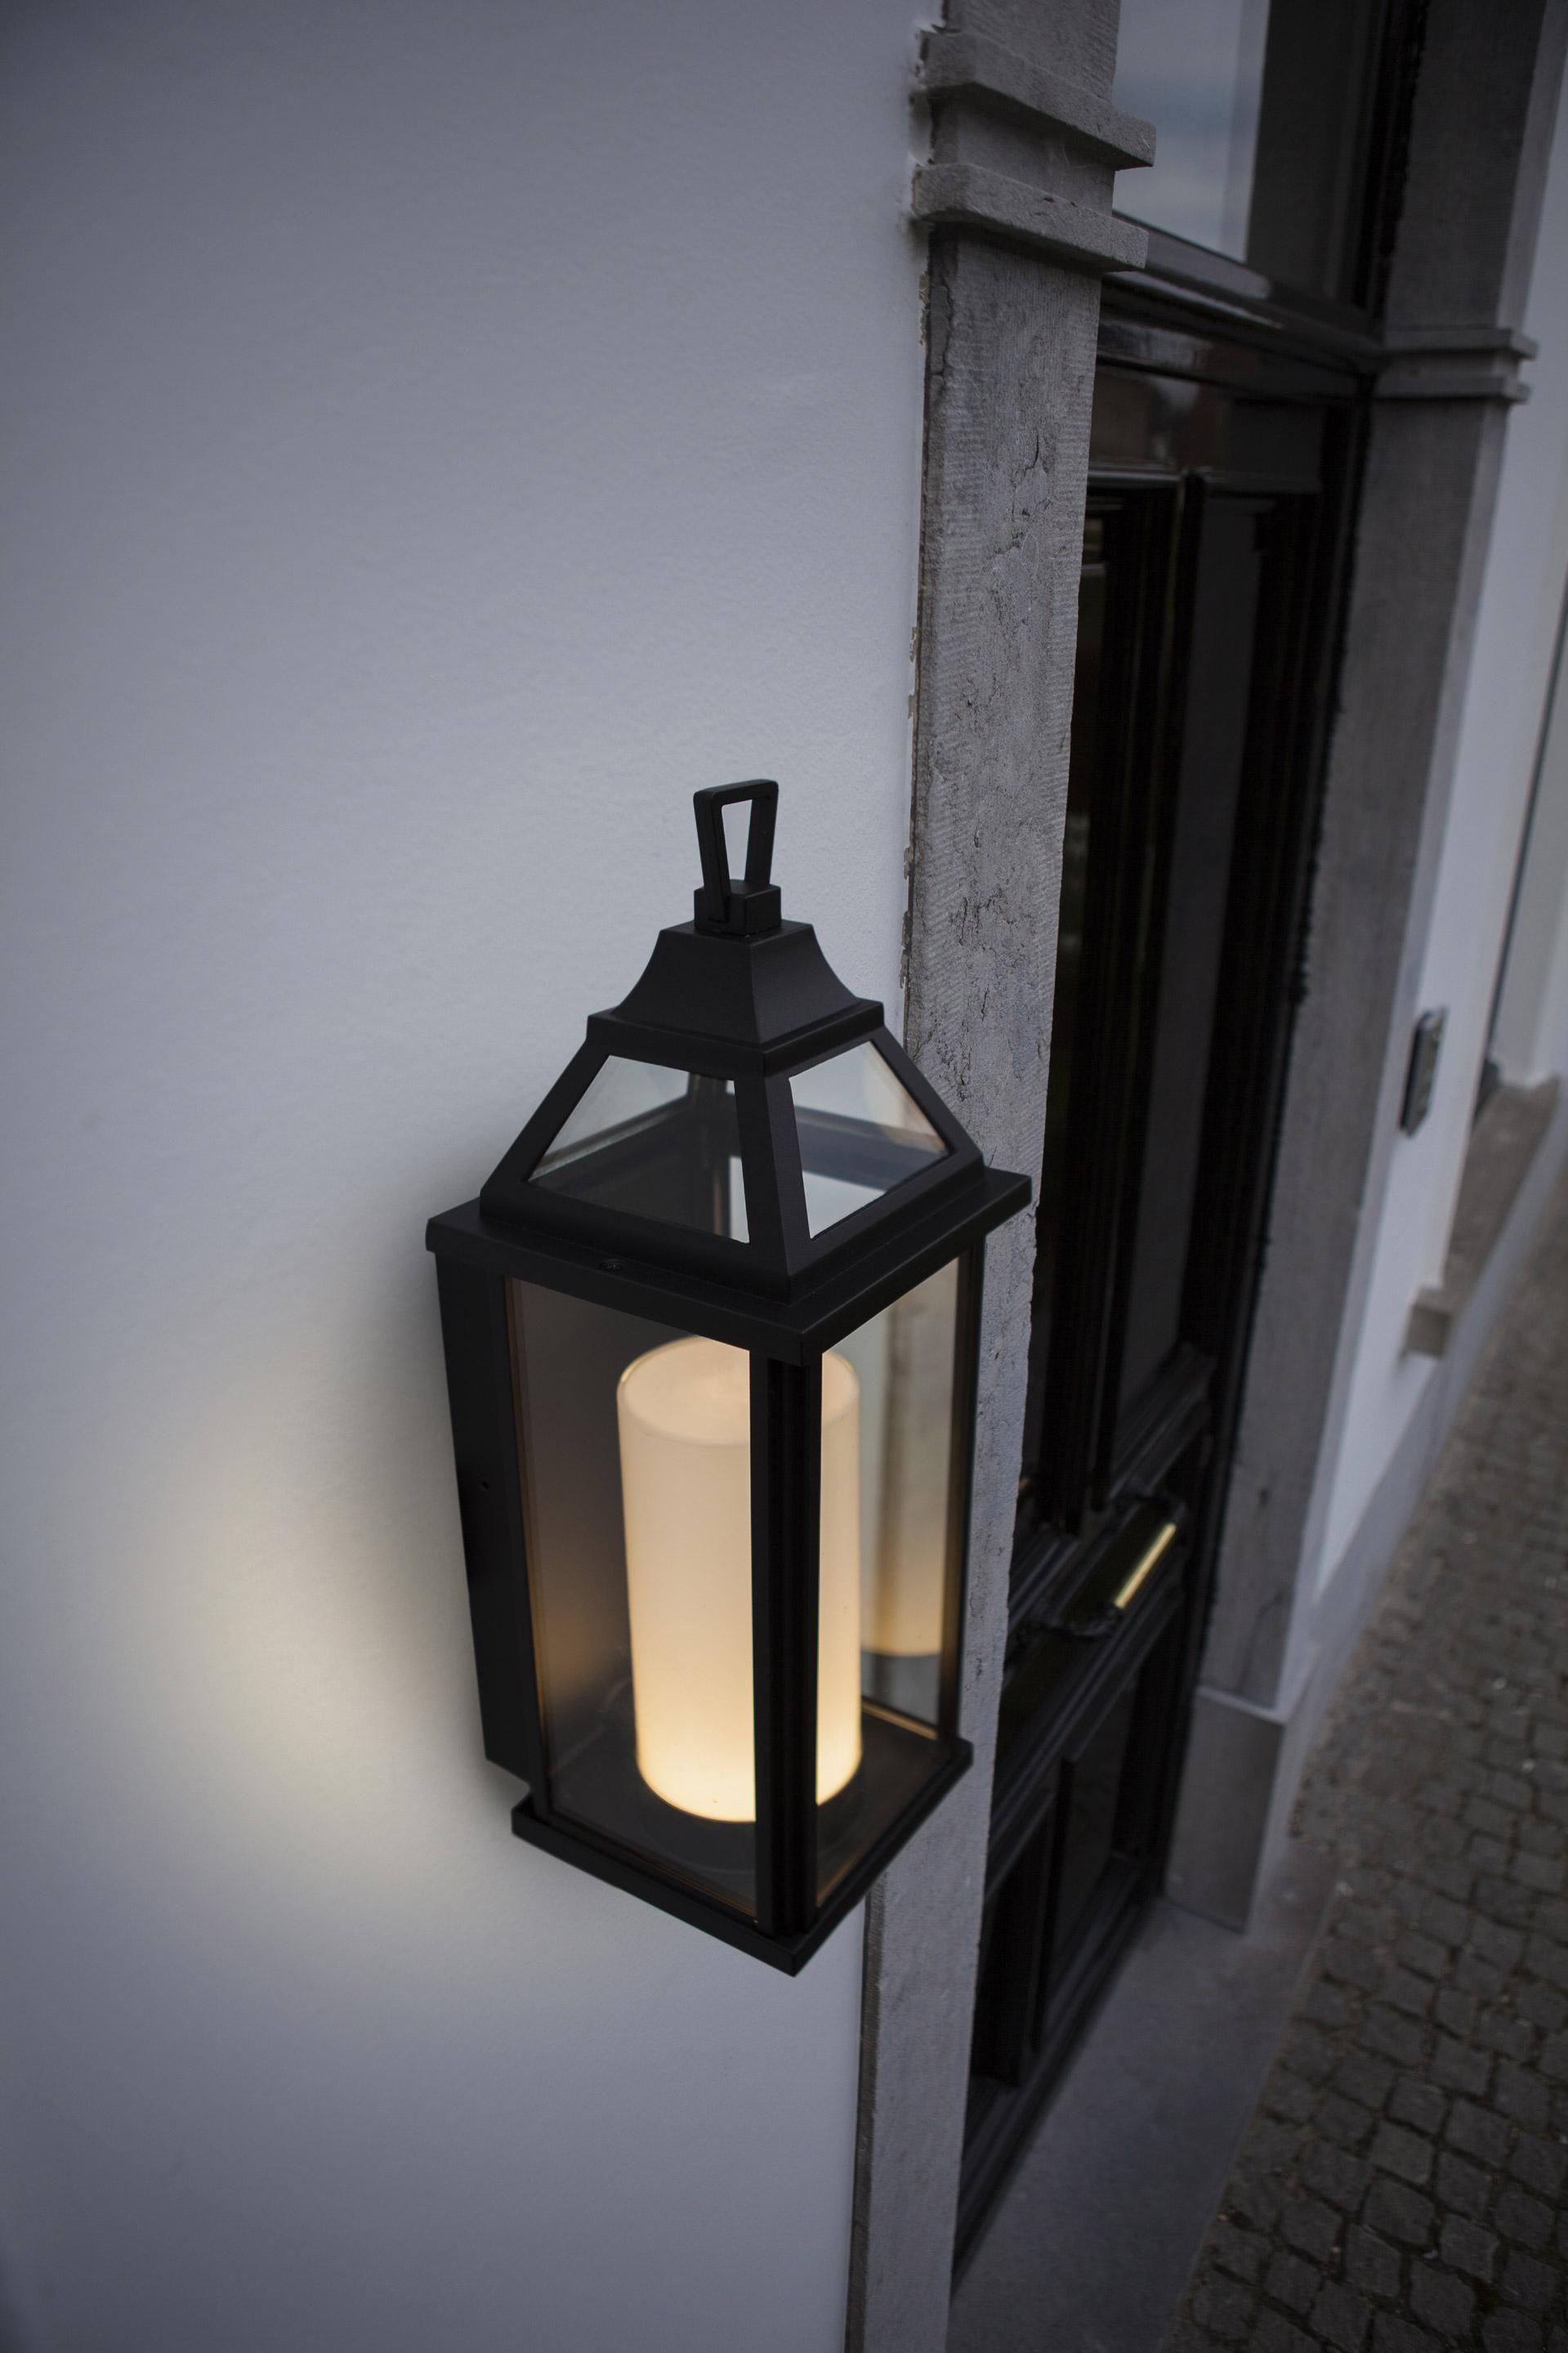 15 Exclusif Lampe Exterieur Leroy Merlin